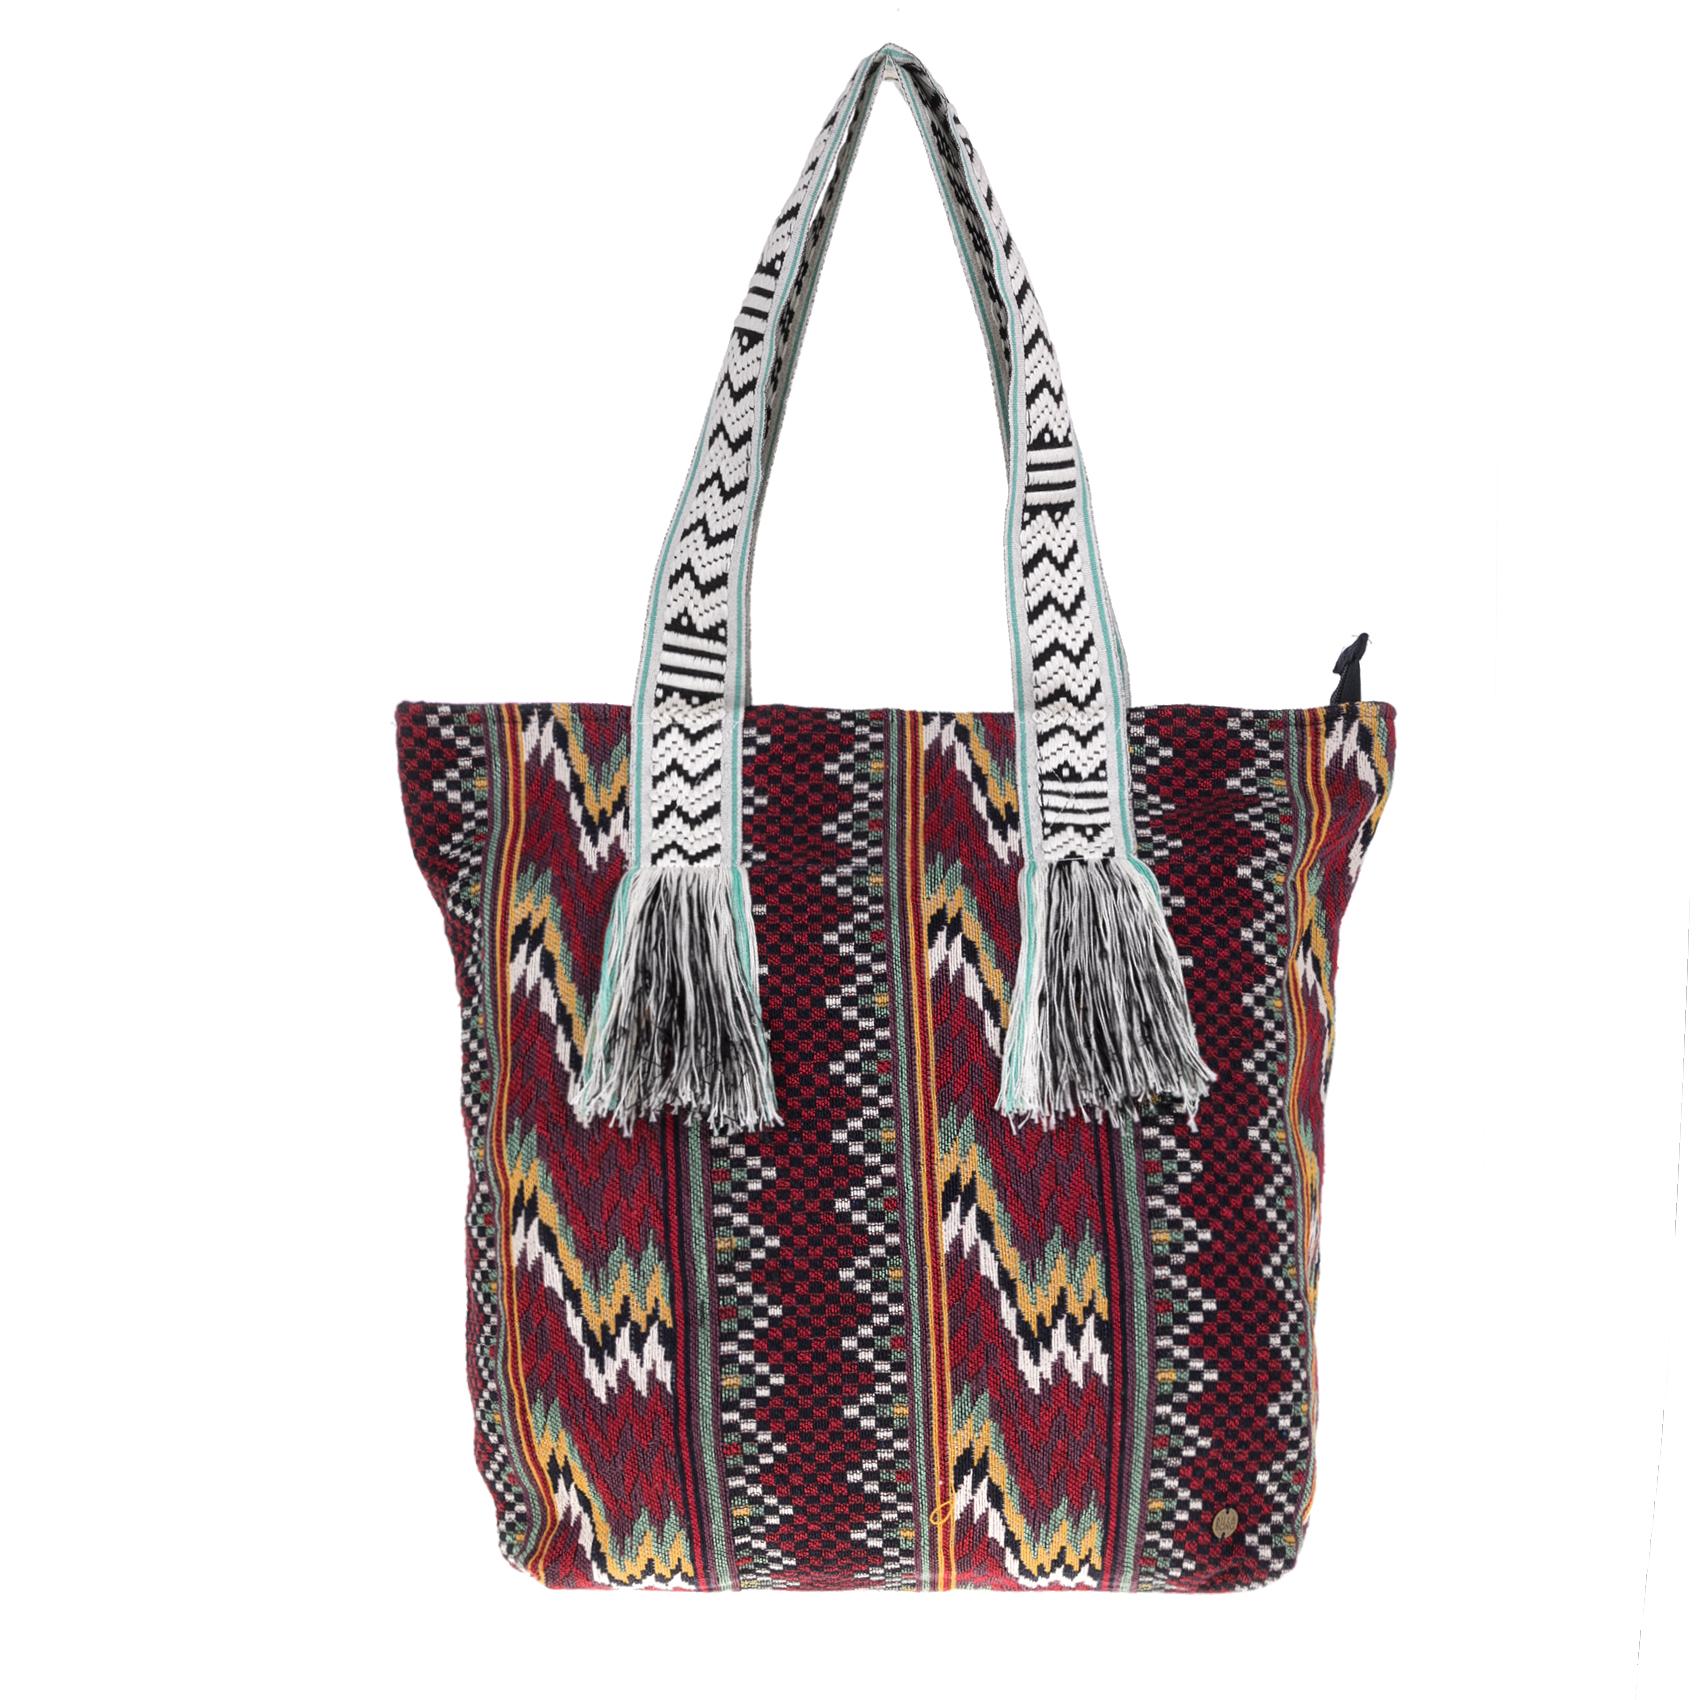 BILLABONG – Γυναικεία τσάντα BILLABONG μπορτνώ 1623462.0-0111